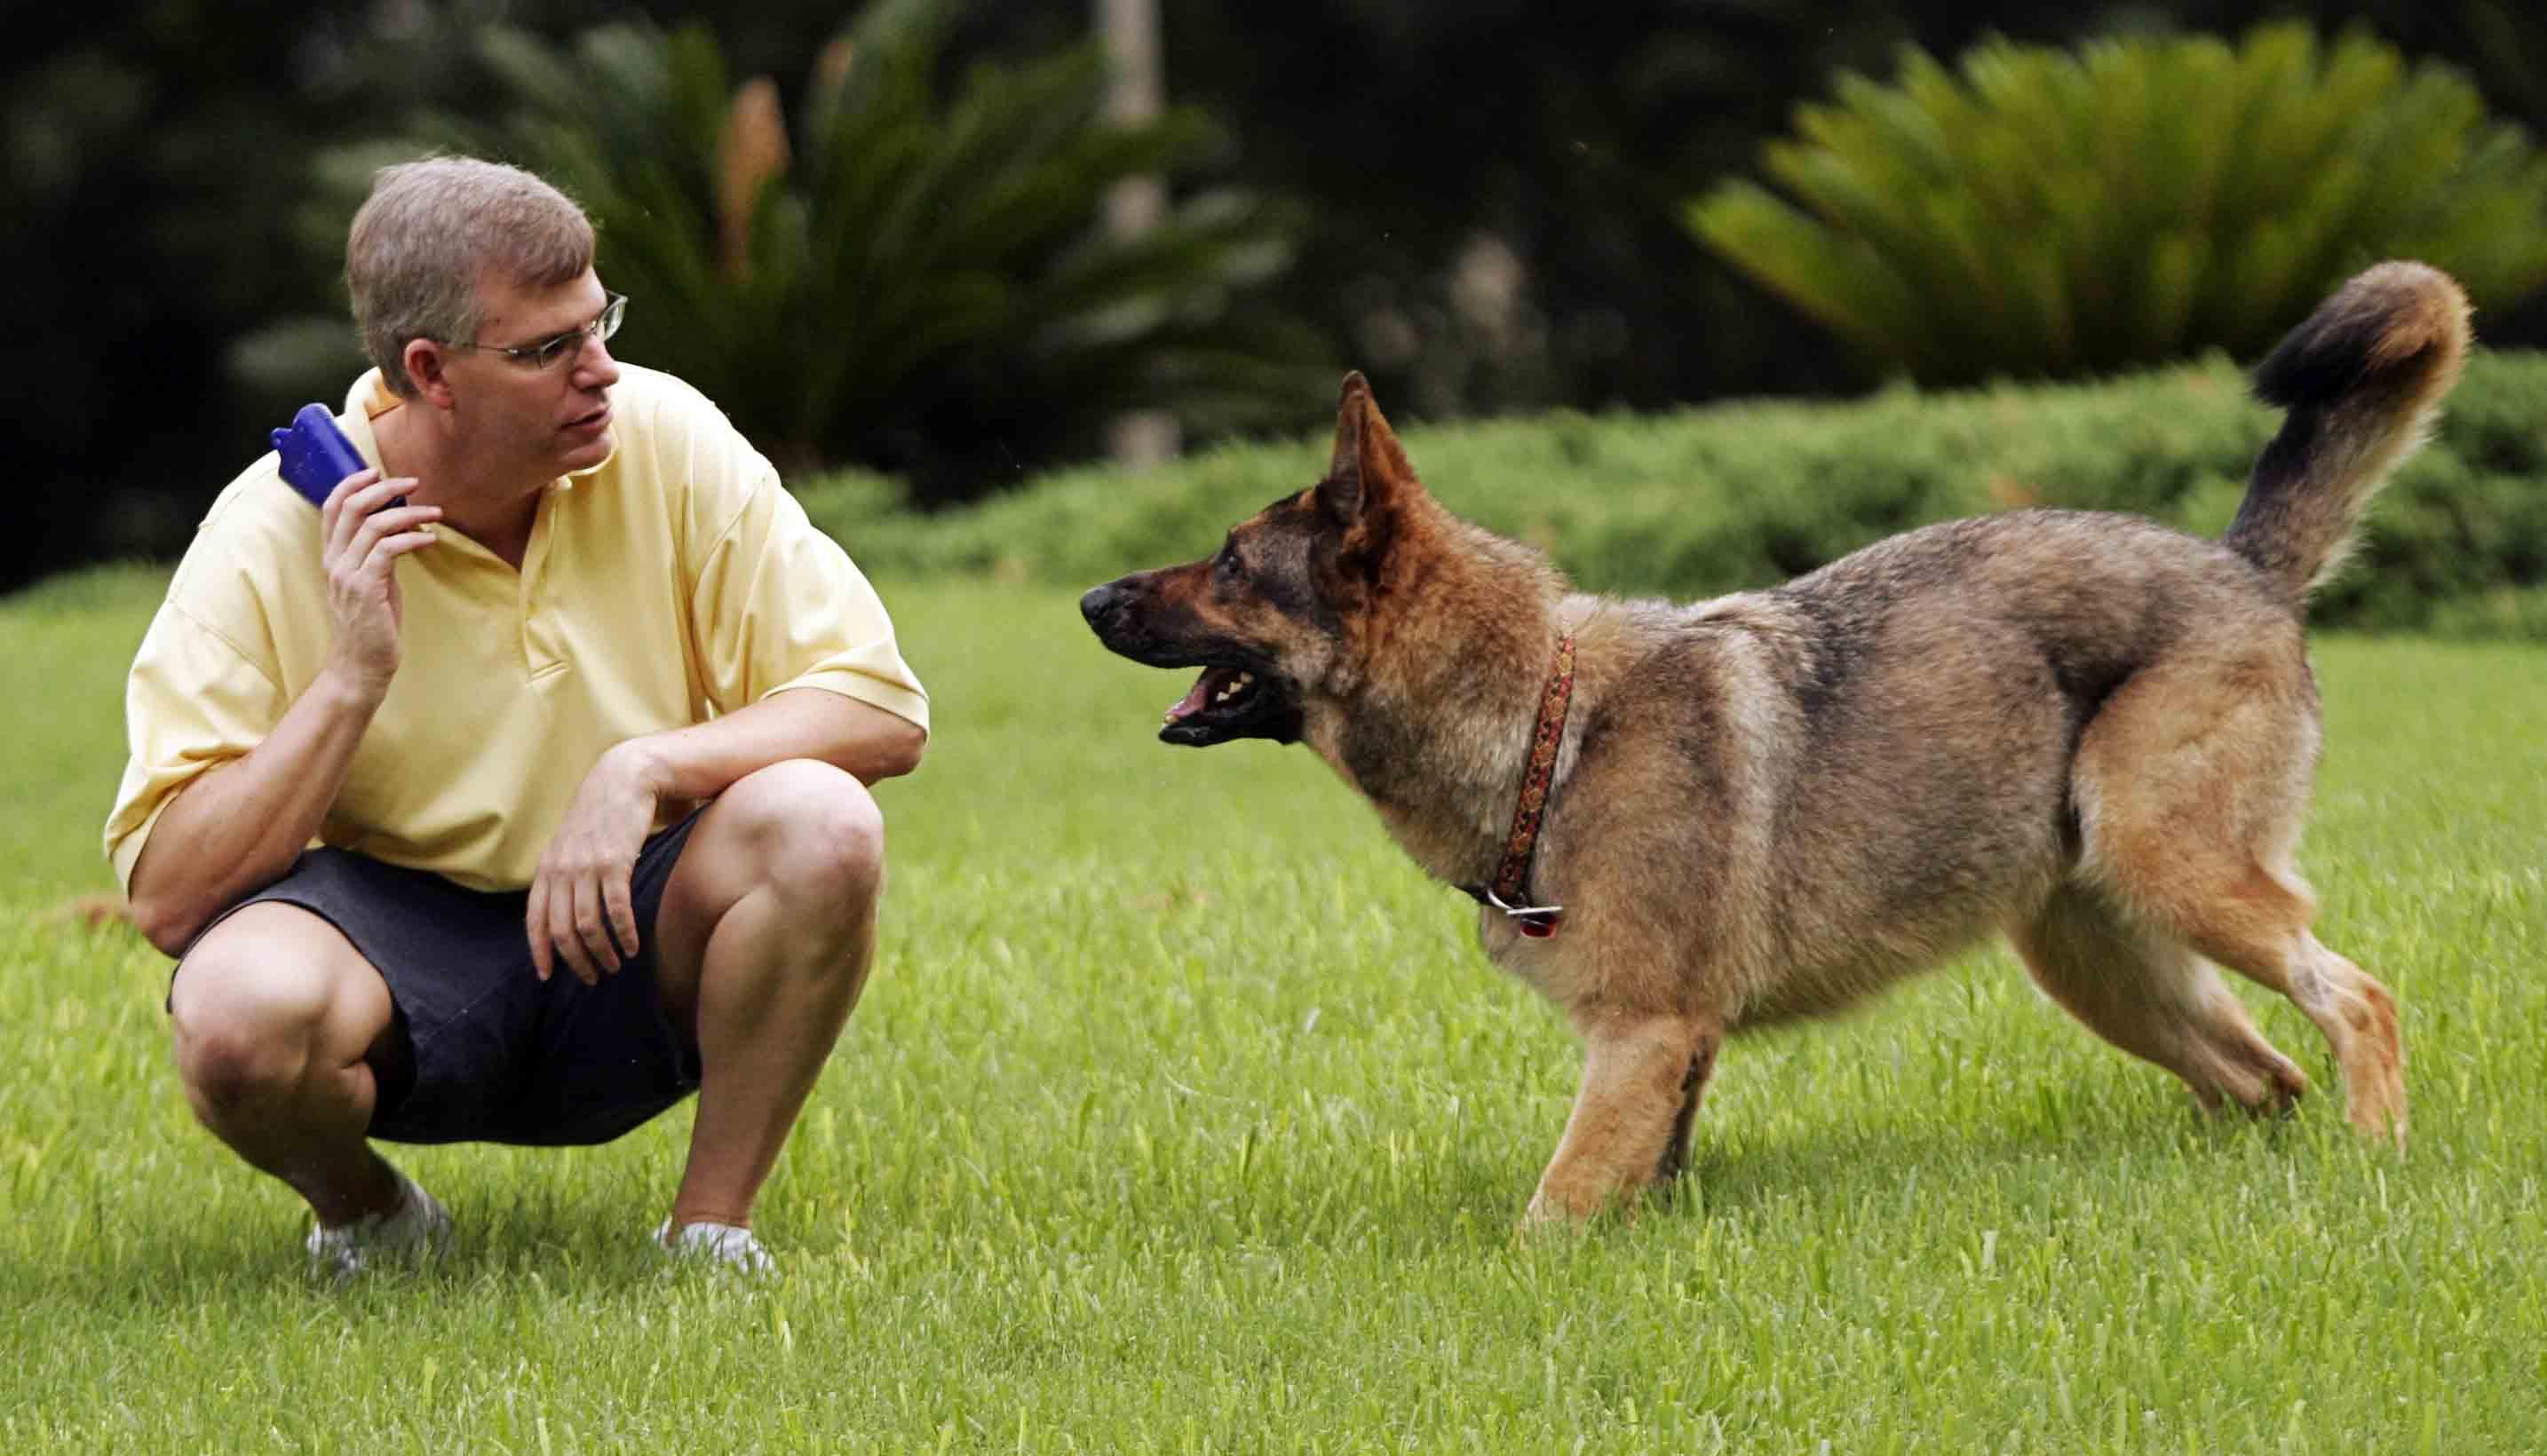 صور كيفية تدريب الكلاب , تدريب الكلاب الصغيرة